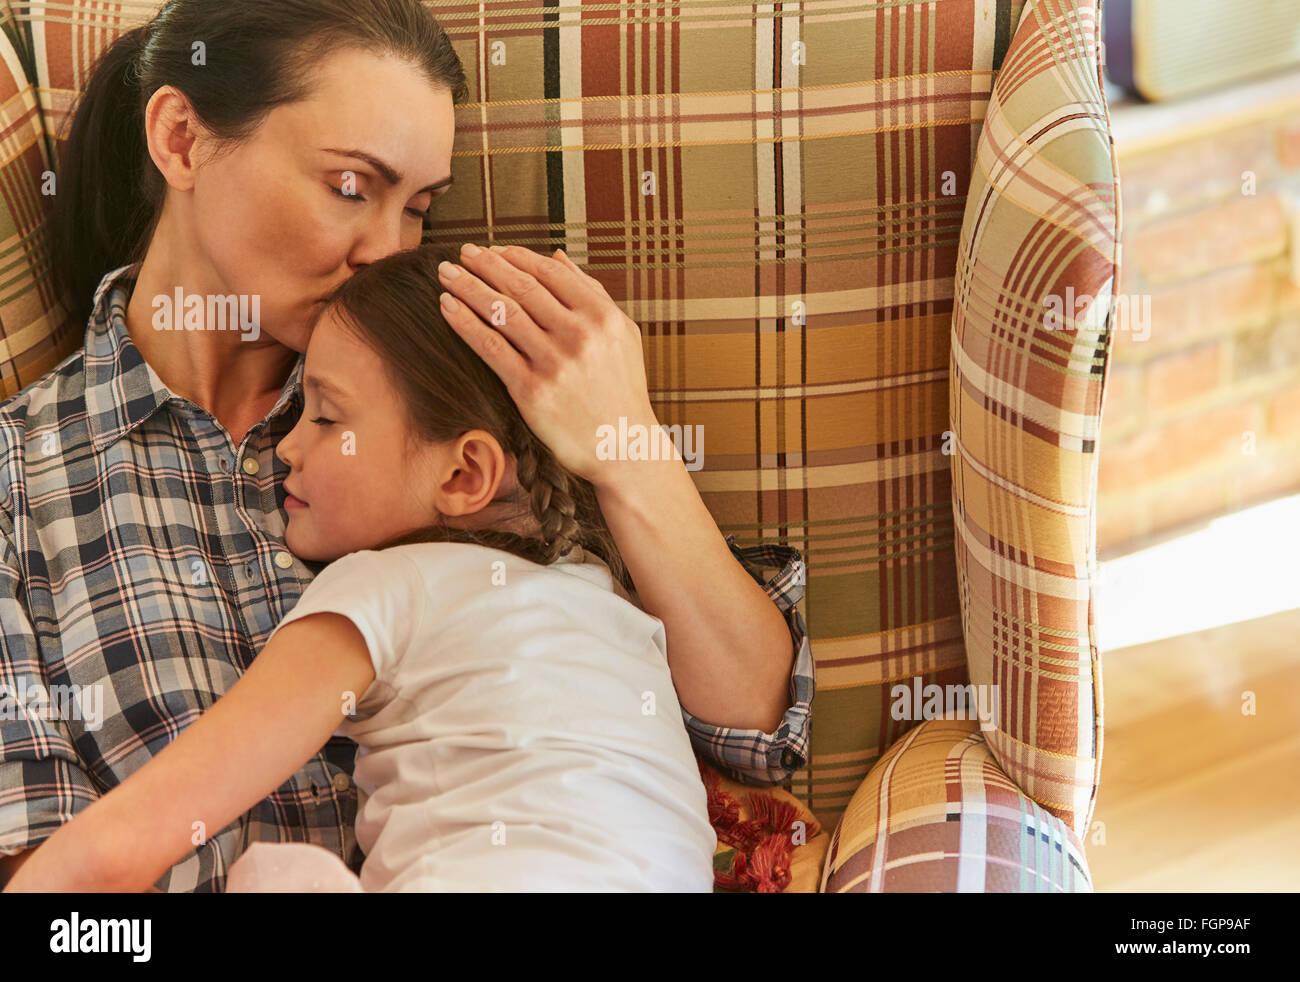 Tender mother cuddling sleeping daughter in armchair - Stock Image